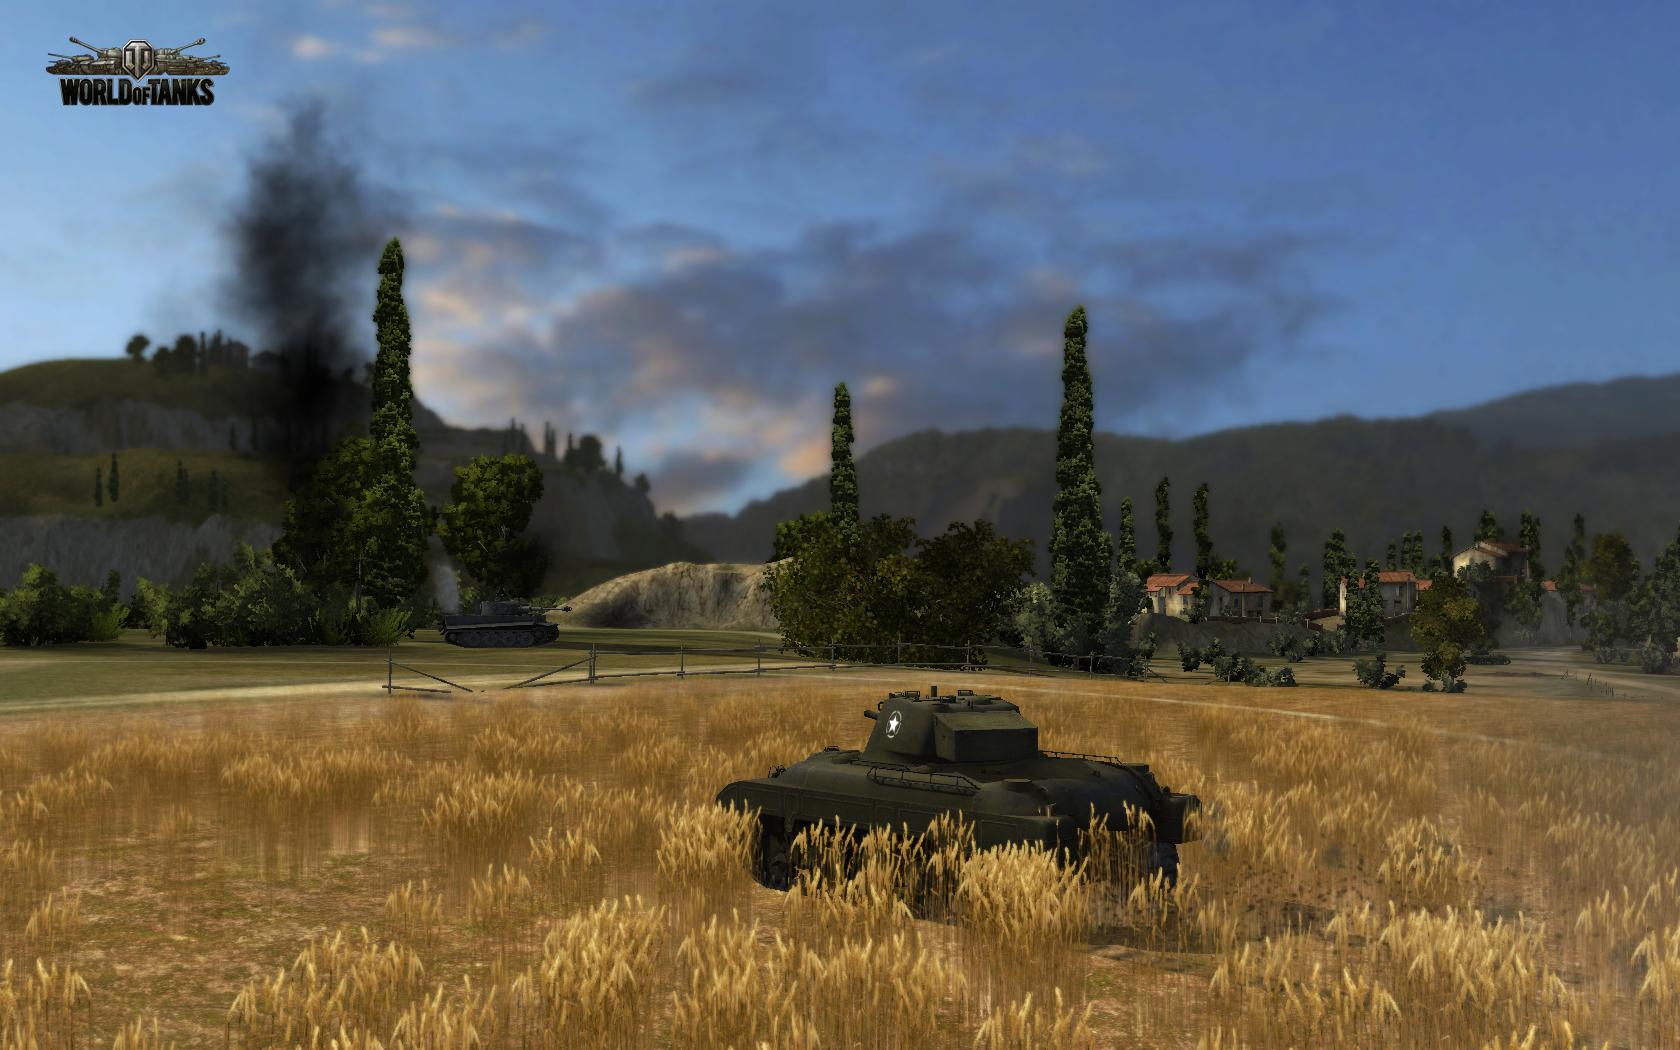 Klicke auf die Grafik für eine größere AnsichtName:World of Tanks 32.jpgHits:57Größe:1,08 MBID:1243